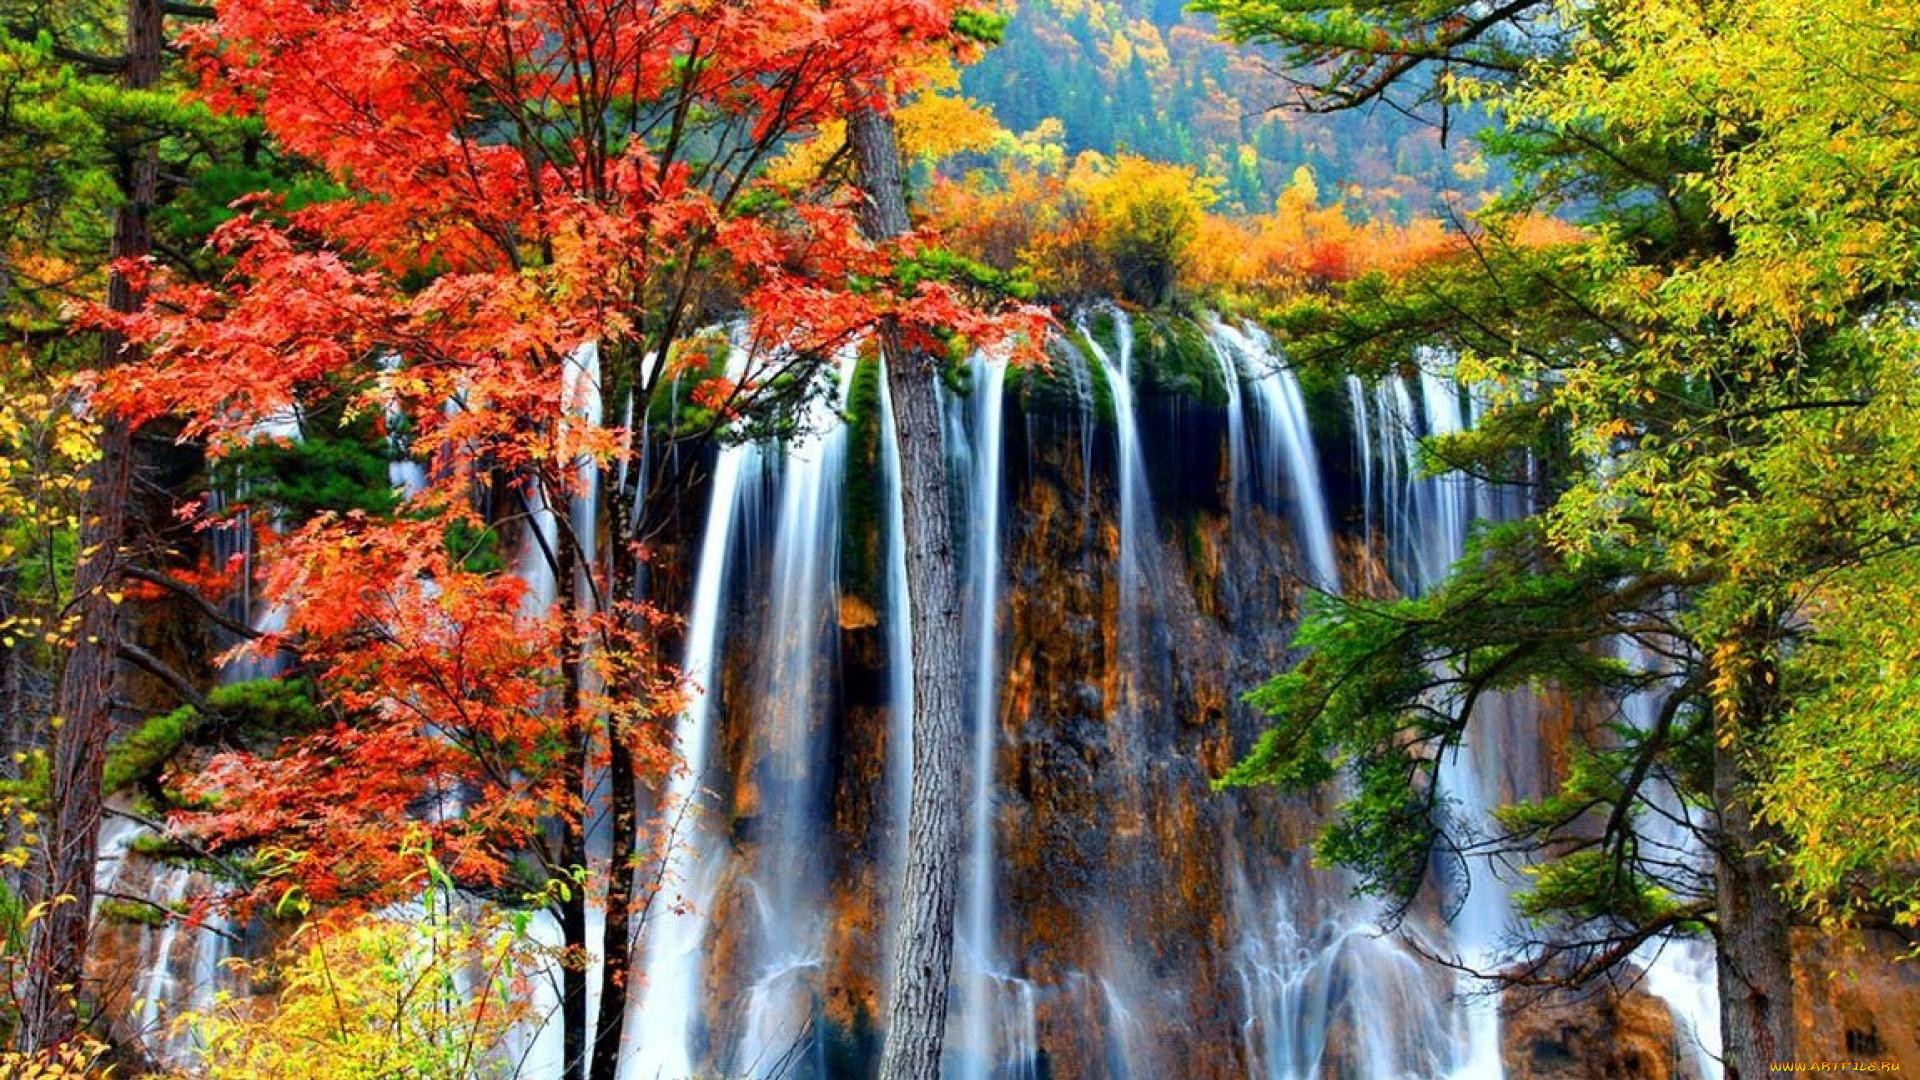 сухогруз привлекательный осень картинки водопады сначала